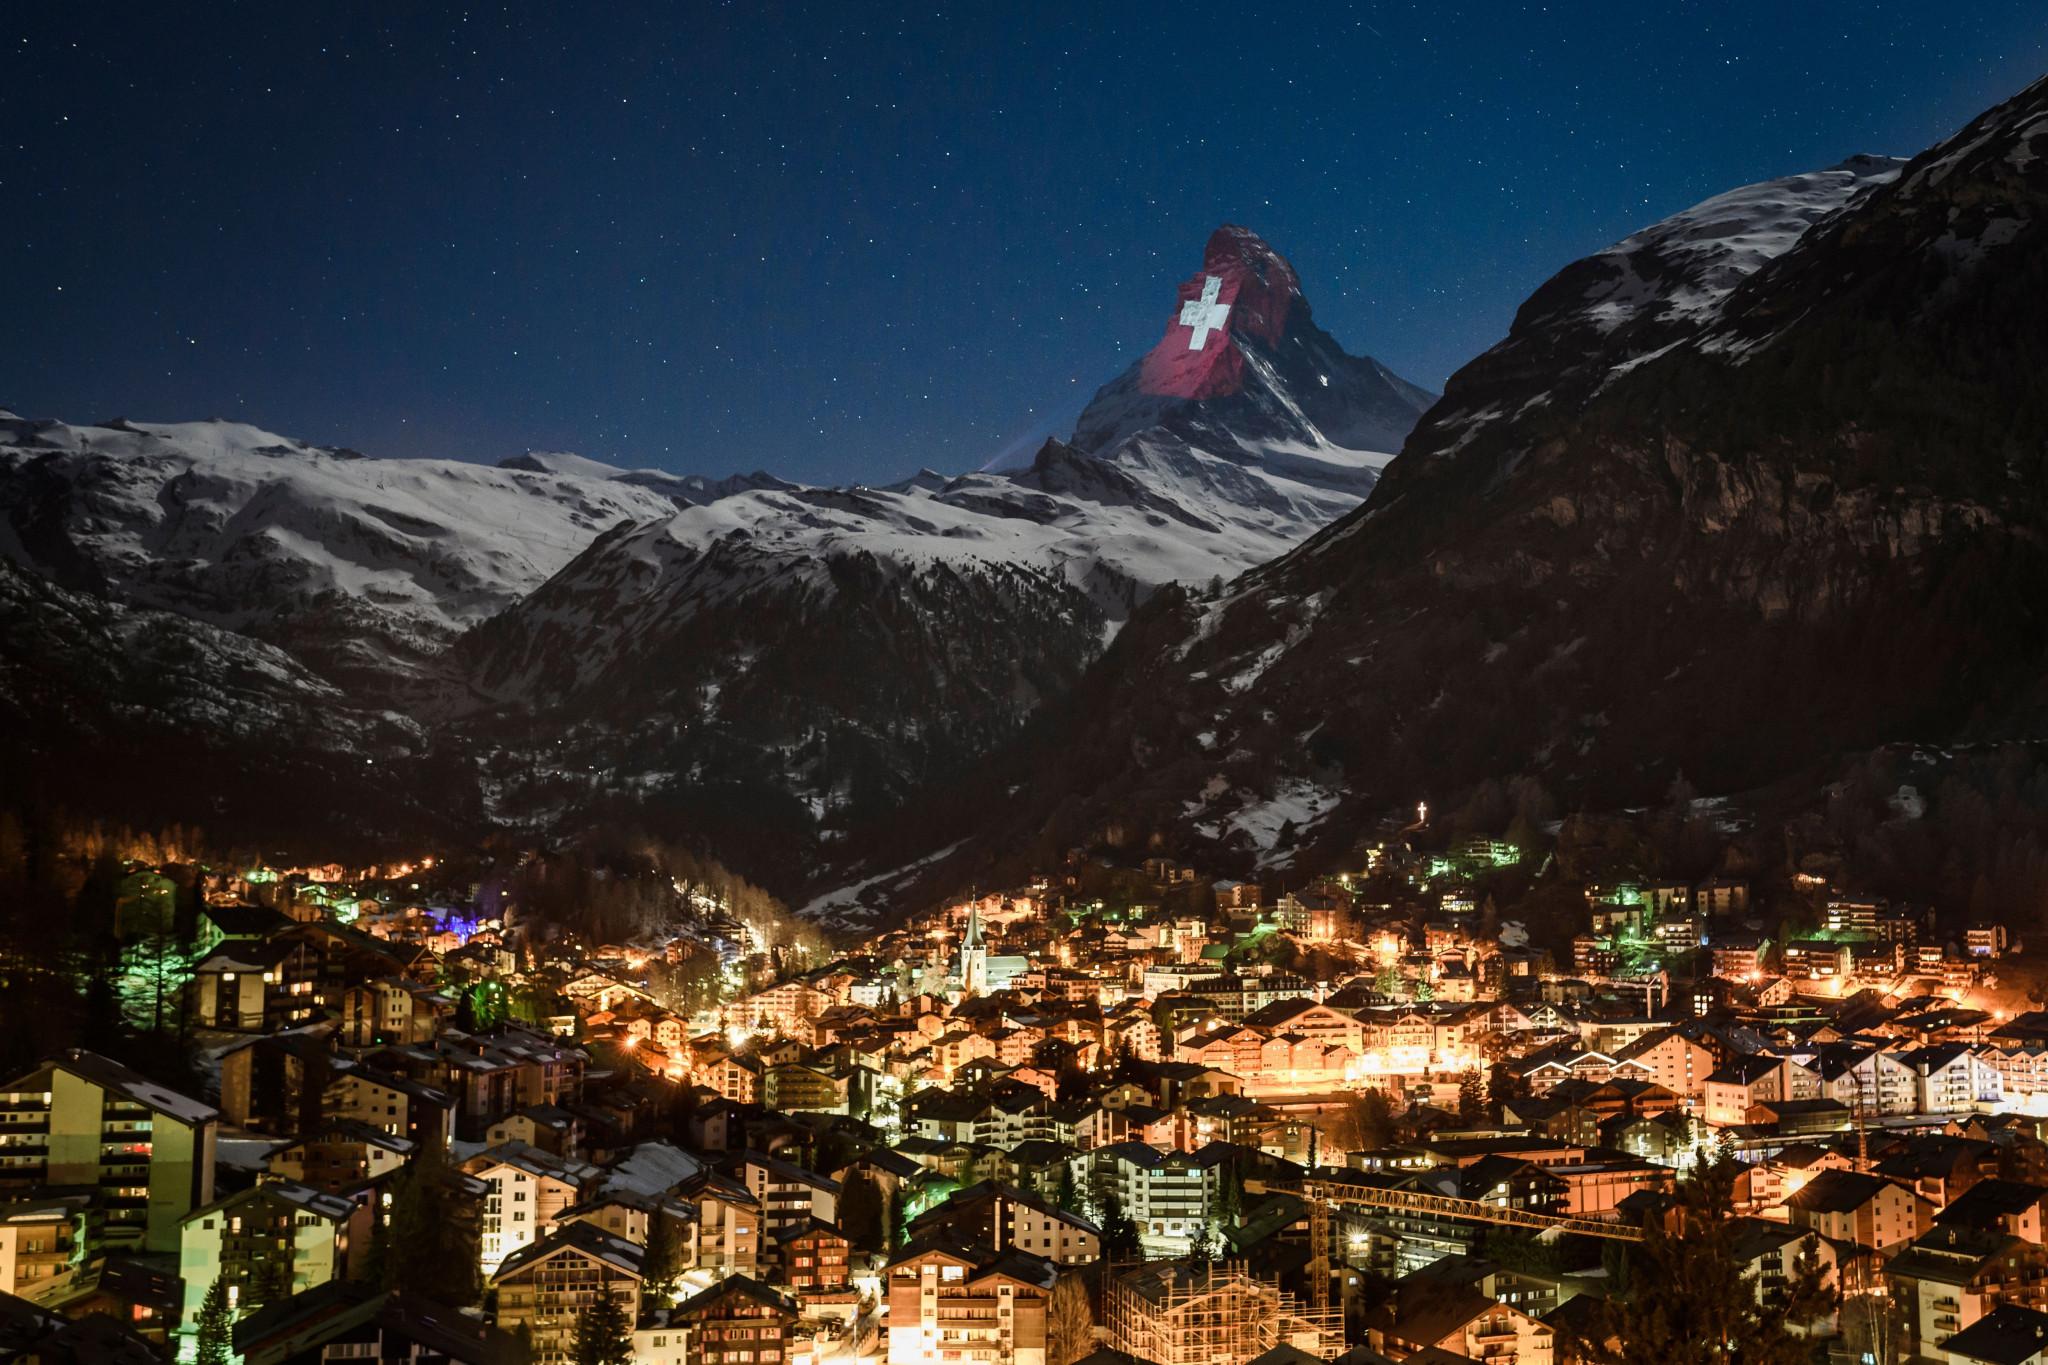 Zermatt wants to stage longest World Cup downhill race from 2022